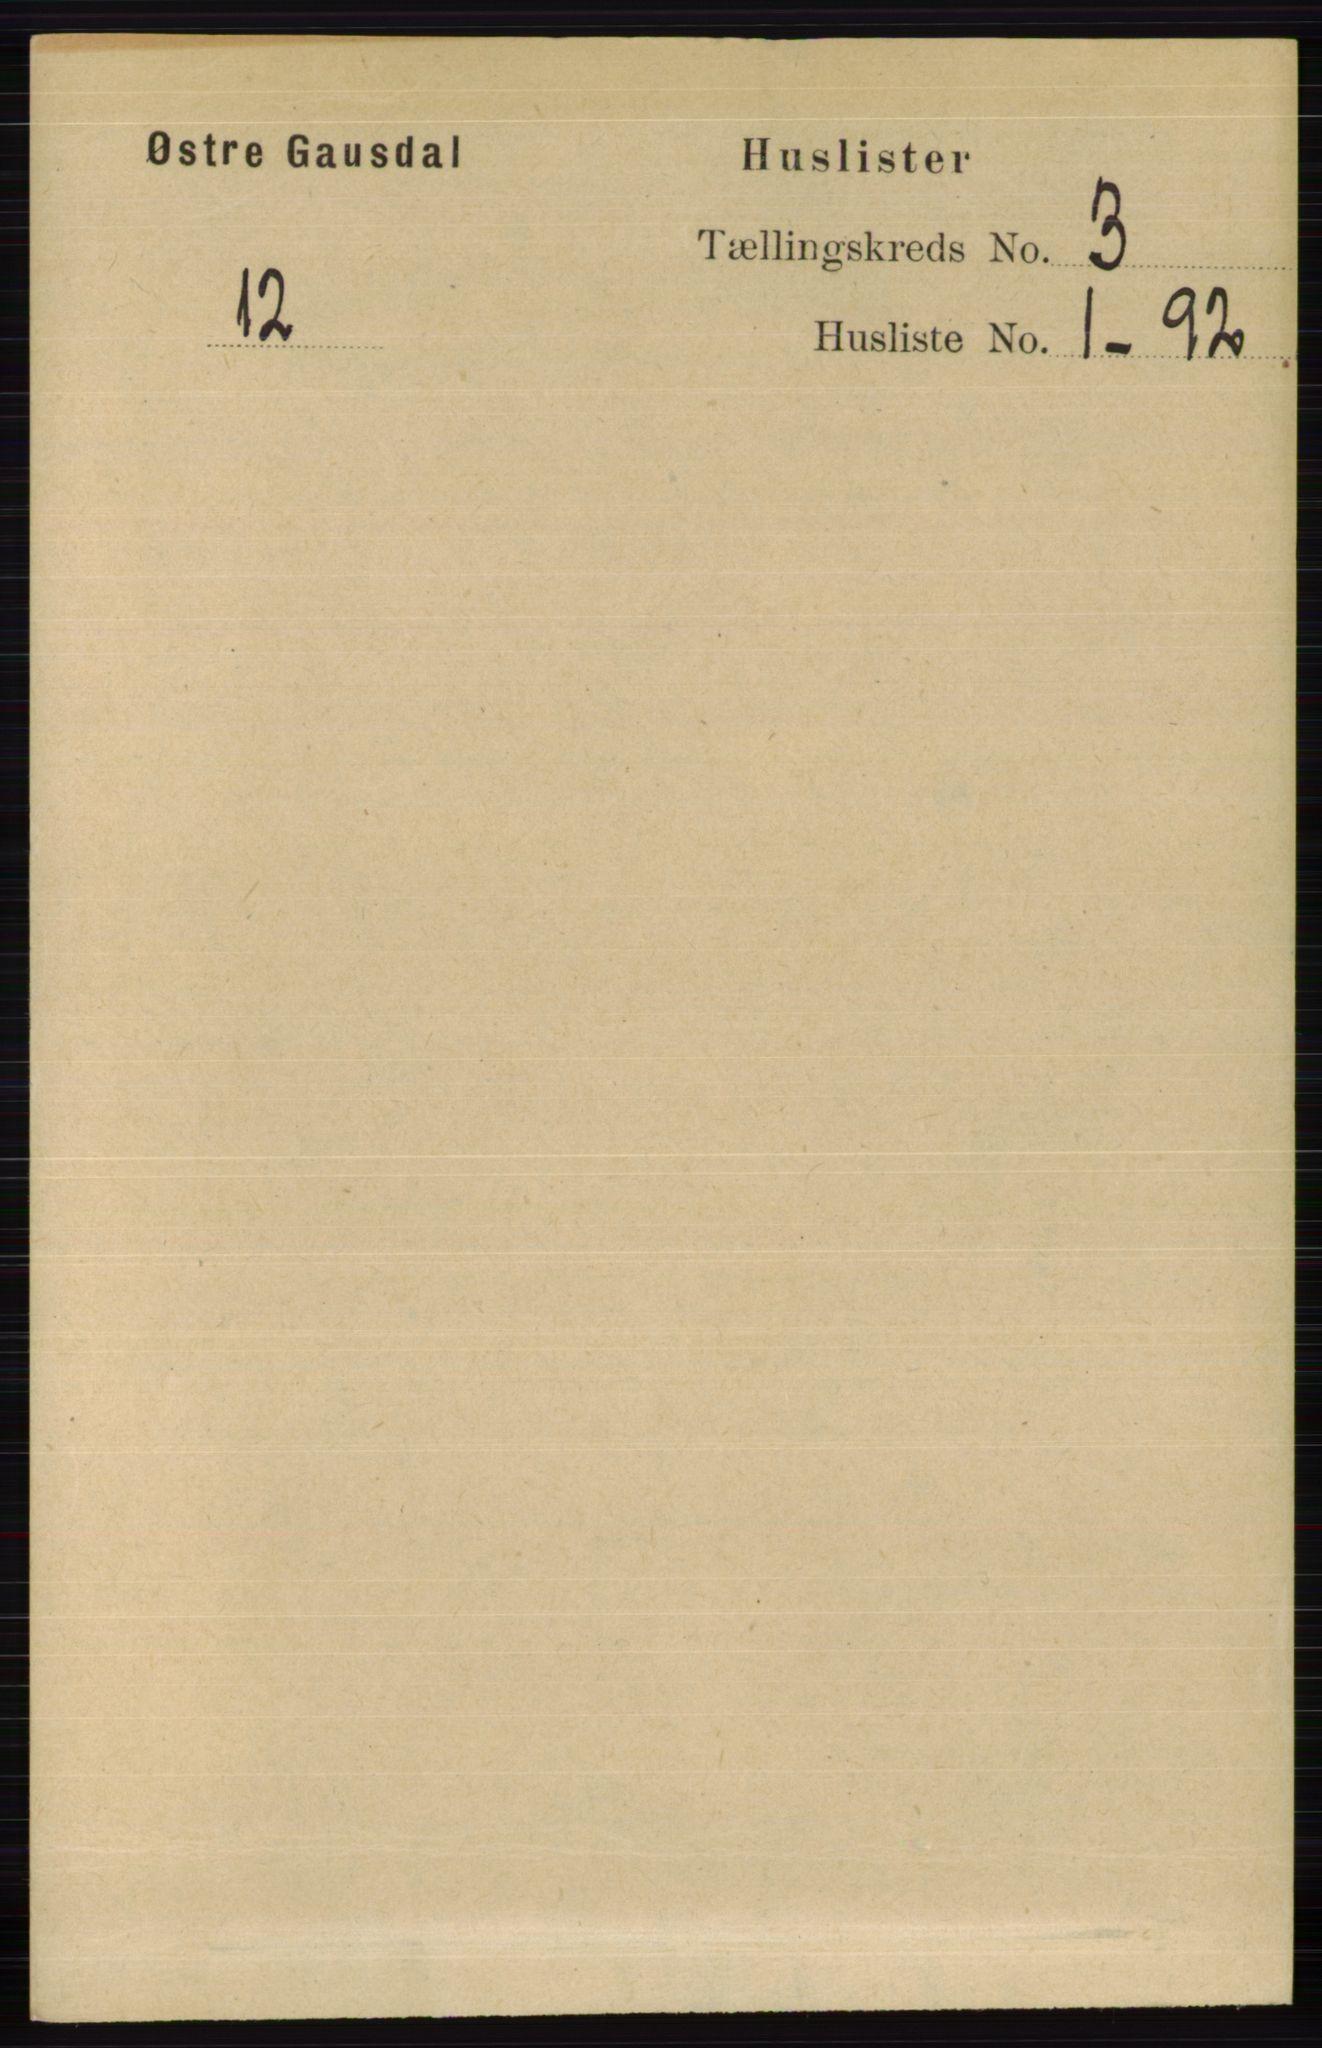 RA, Folketelling 1891 for 0522 Østre Gausdal herred, 1891, s. 1608